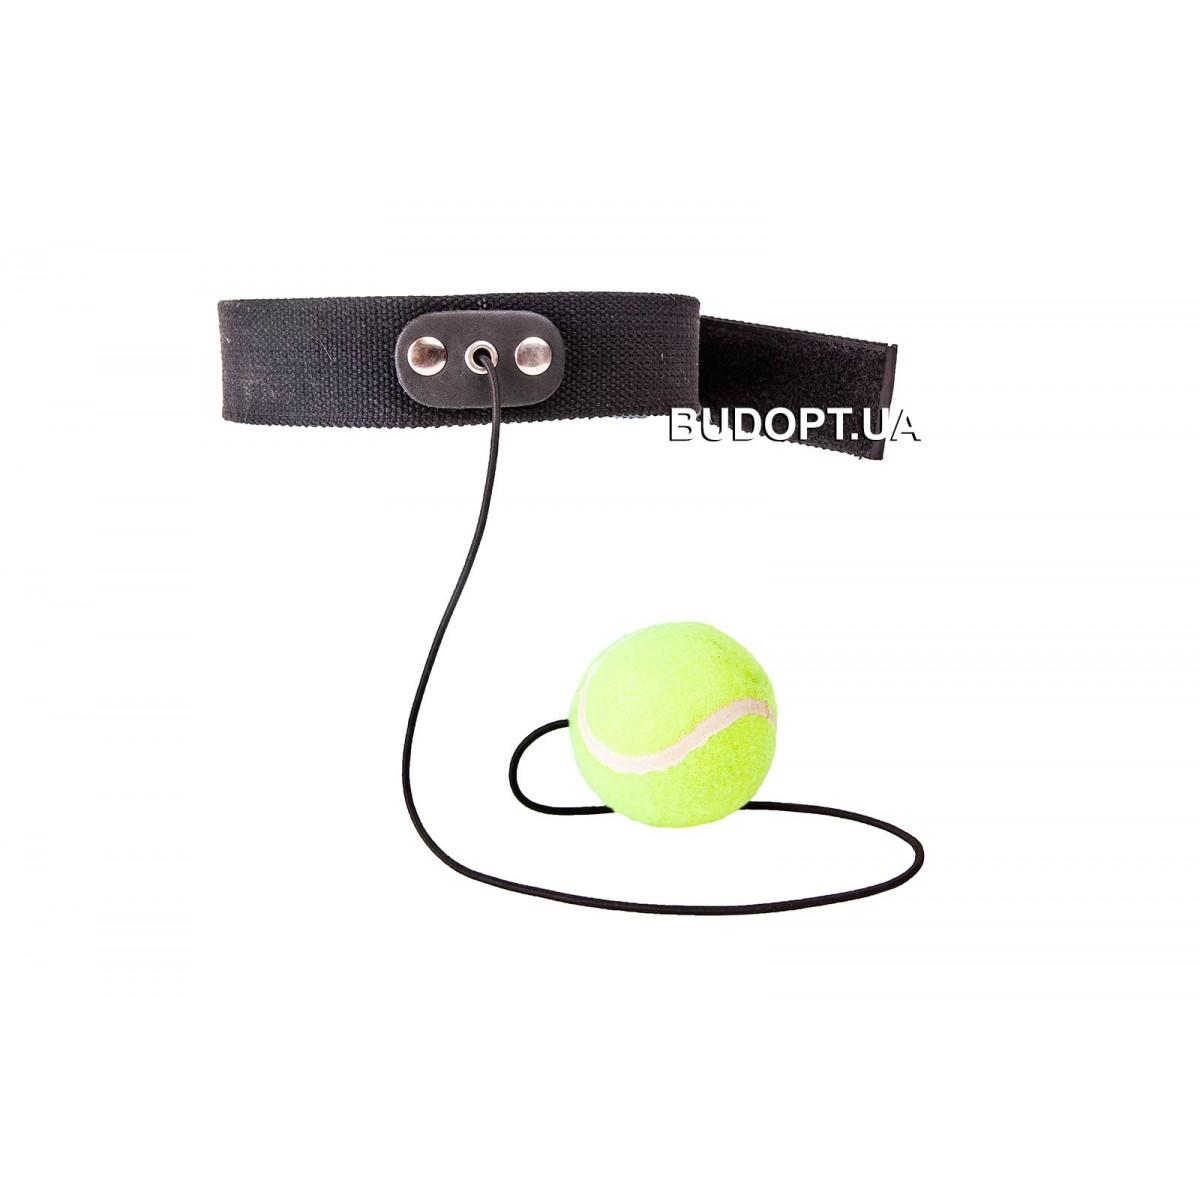 Теннисный мяч в боксе мяч на резинке видео 91